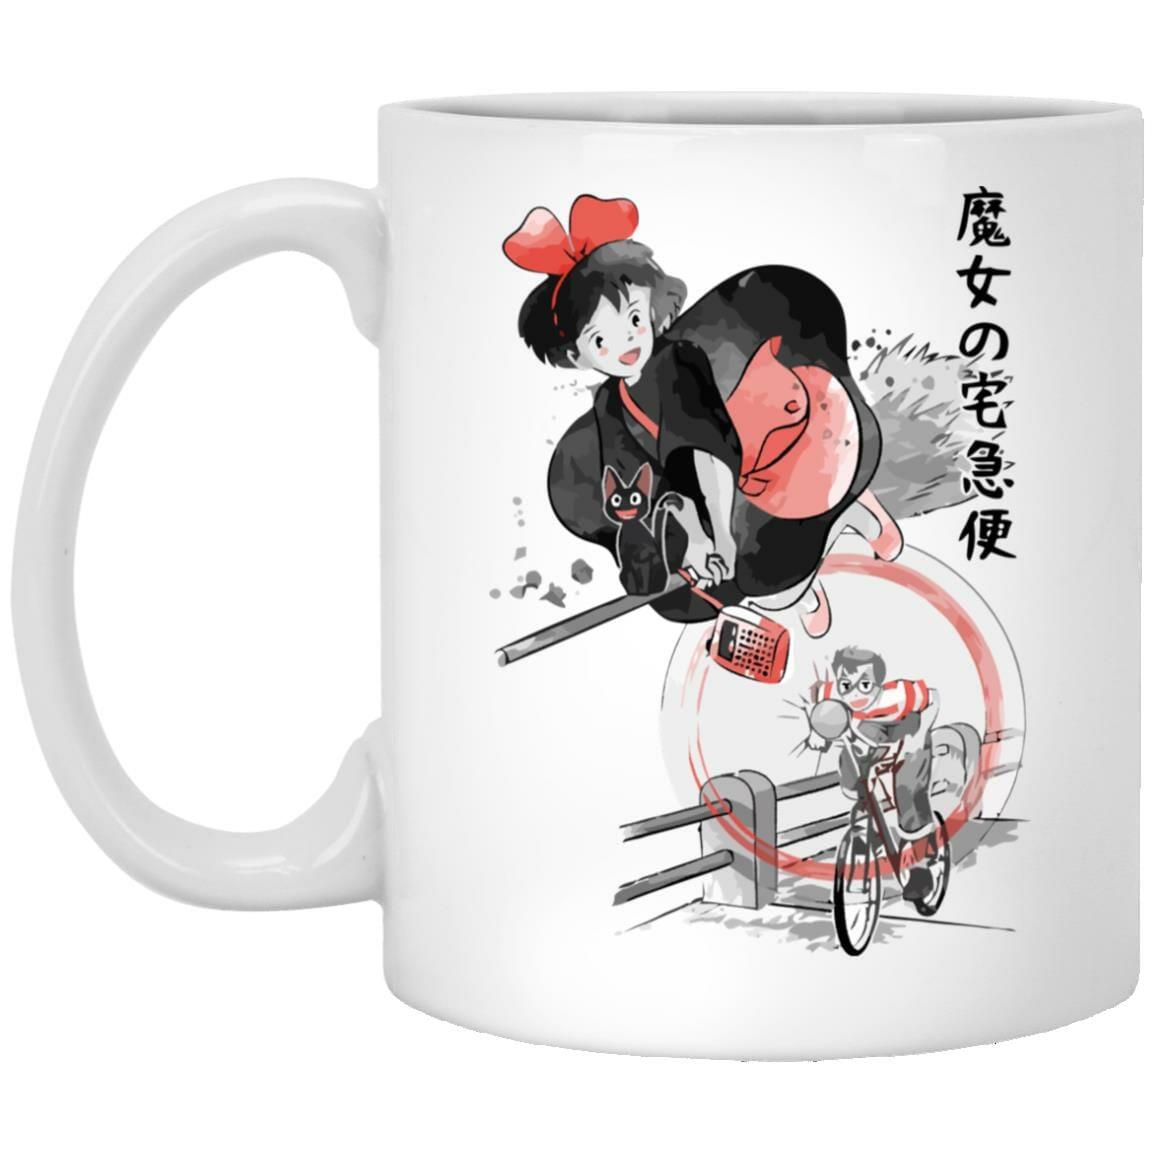 Kiki's Delivery Service – Kiki & Tombo Mug